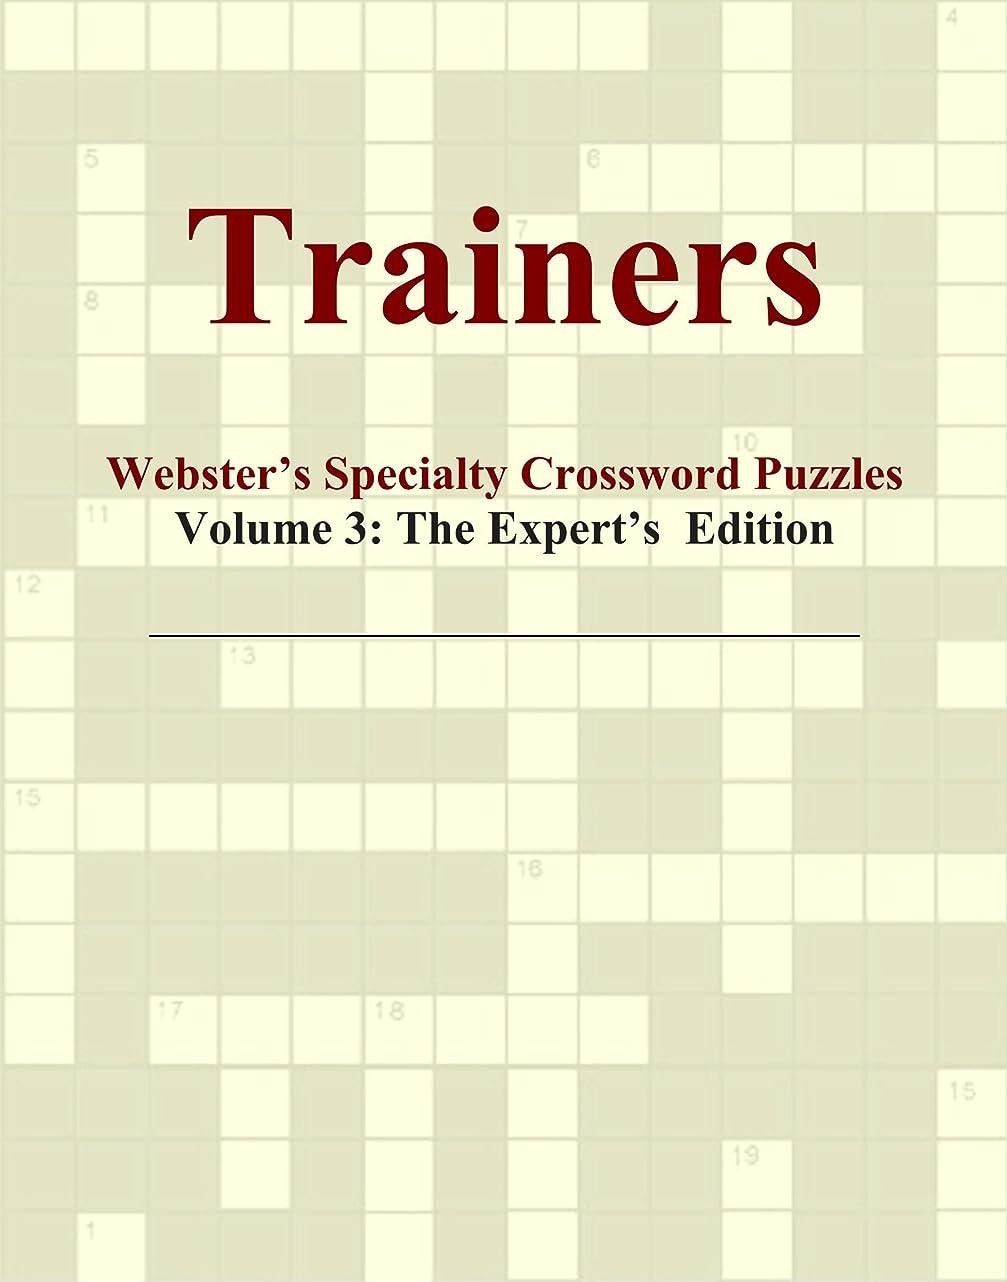 フラスコ脅かす彫るTrainers - Webster's Specialty Crossword Puzzles, Volume 3: The Expert's Edition